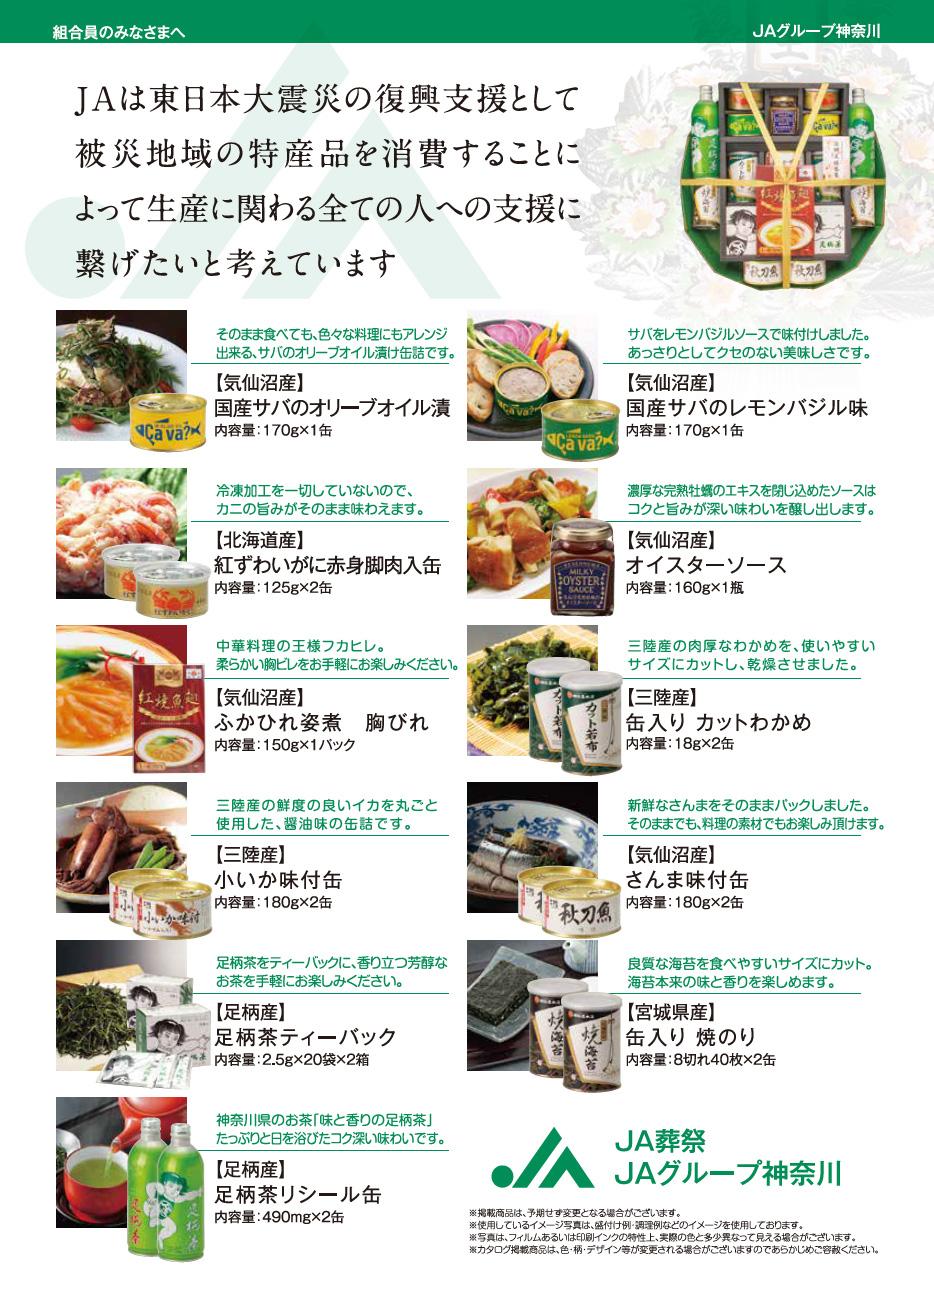 JAは東日本大震災の復興支援として被災地域の特産品を消費することによって生産に関わる全ての人への支援に繋げたいと考えています。